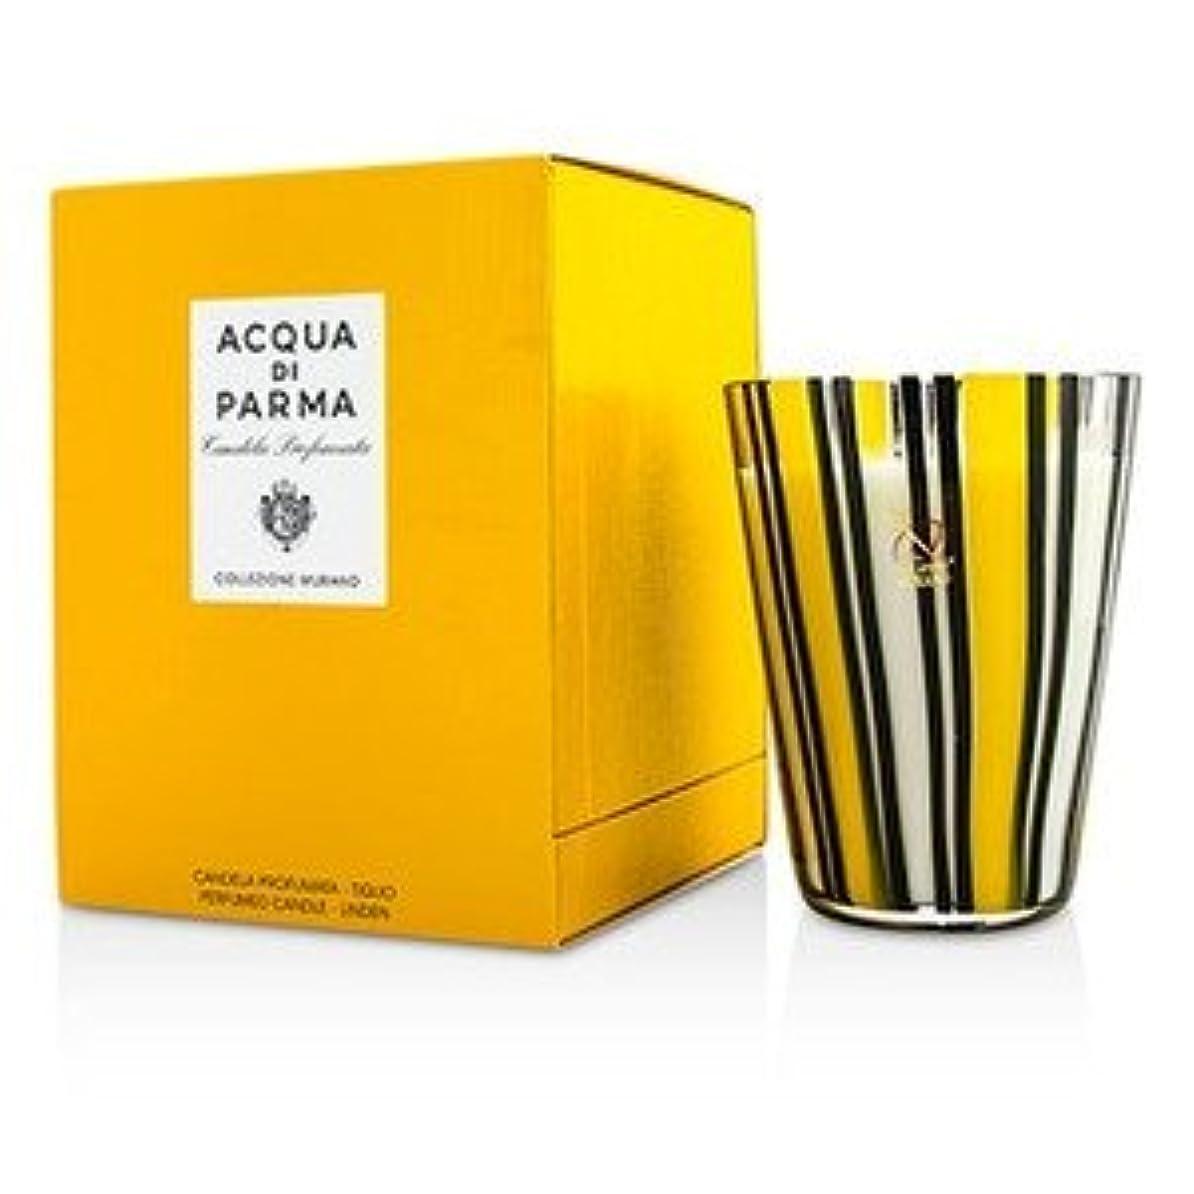 徹底視線保護アクア ディ パルマ[Acqua Di Parma] ムラノ グラス パフューム キャンドル - Tiglio(Linen) 200g/7.05oz [並行輸入品]